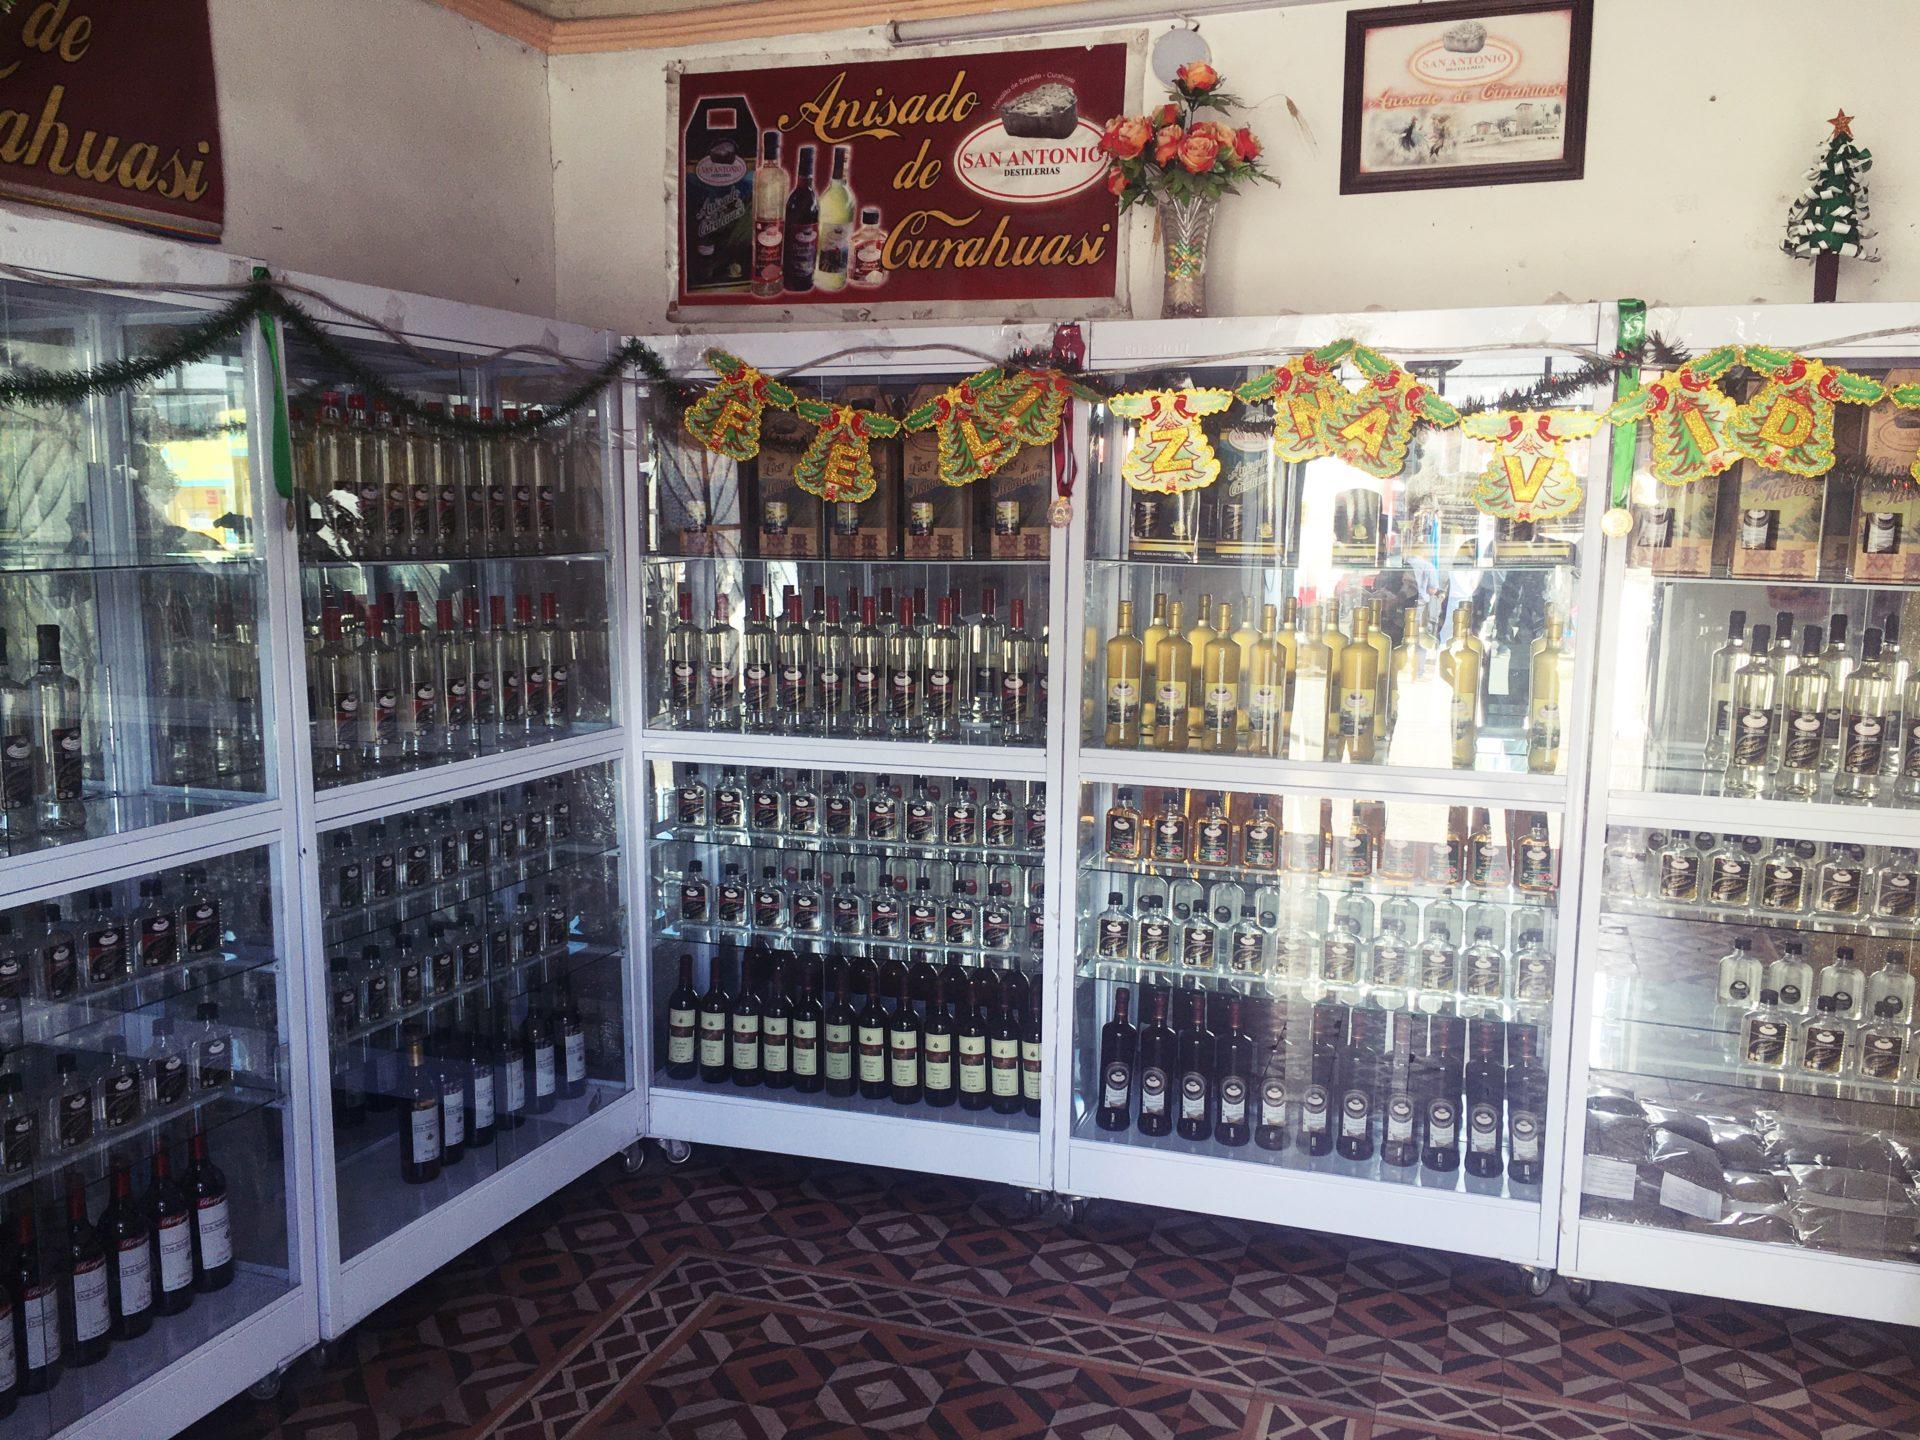 ペルー, クスコ, Cusco, アプリマック, Aprimac, Curahuasi, クラワシ, Anizado, アニサード, 酒